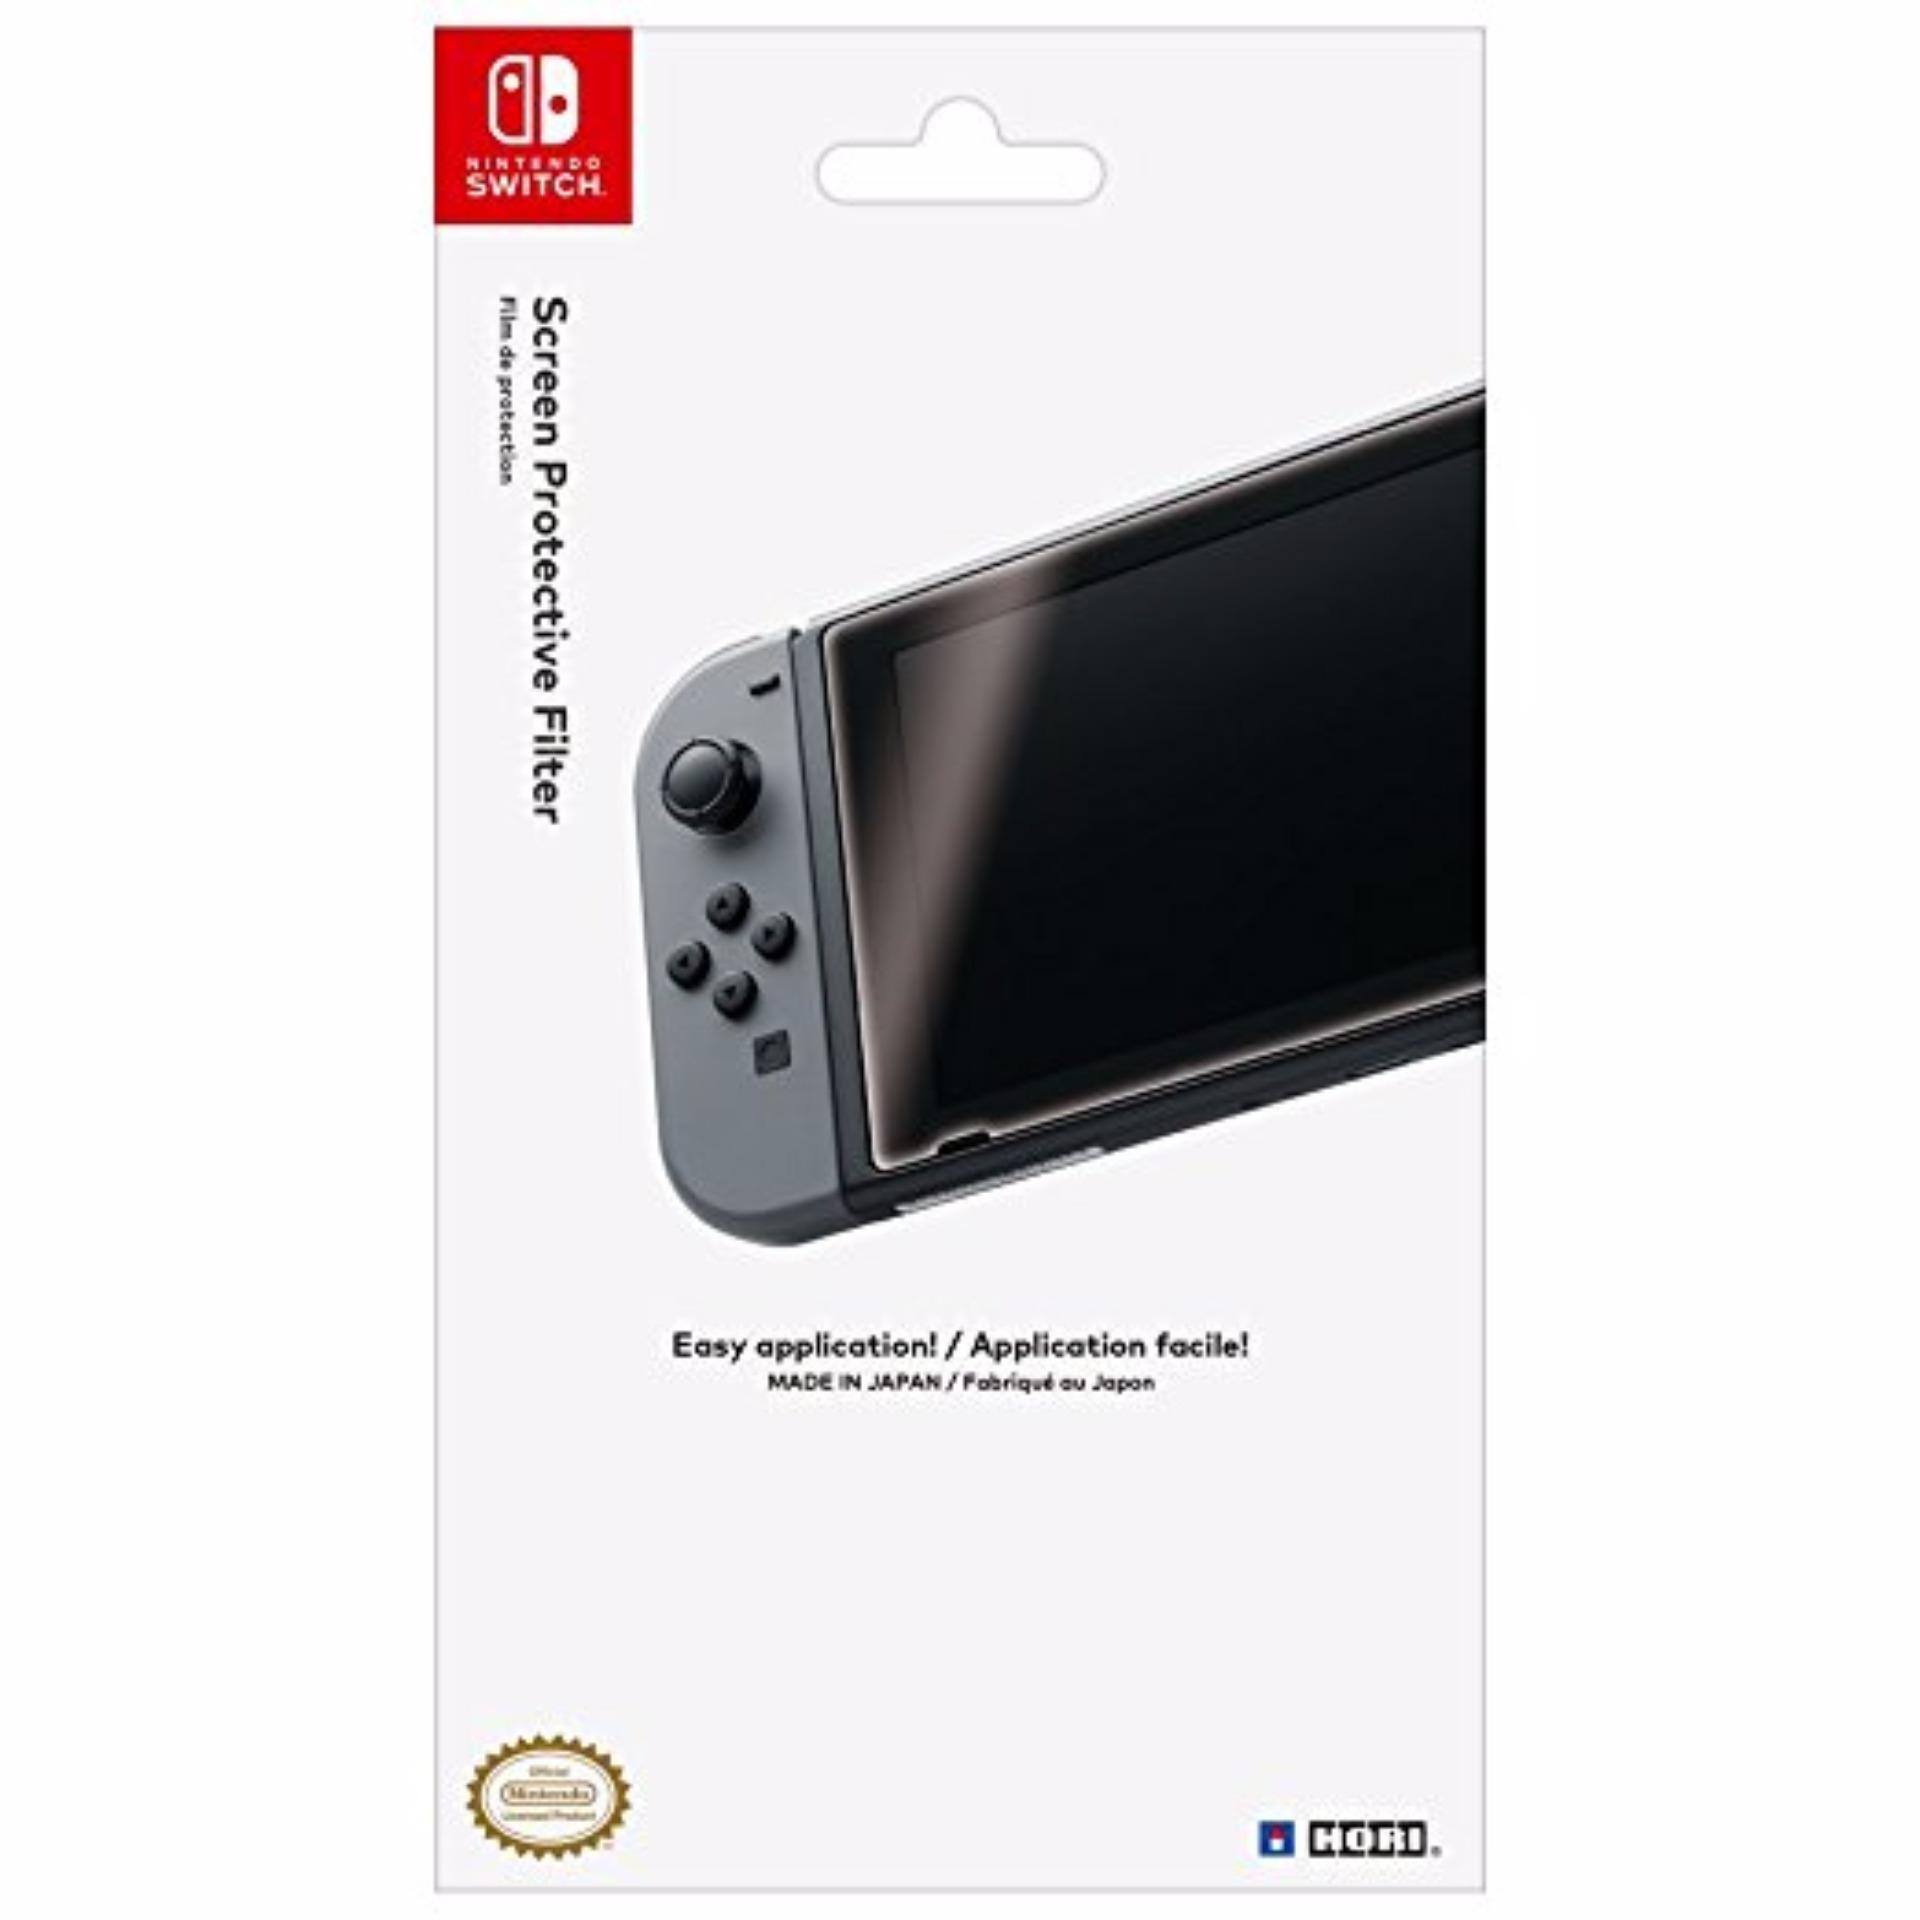 Giá Sốc Miếng dán màn hình cường lực Hori dành cho máy Nintendo Switch